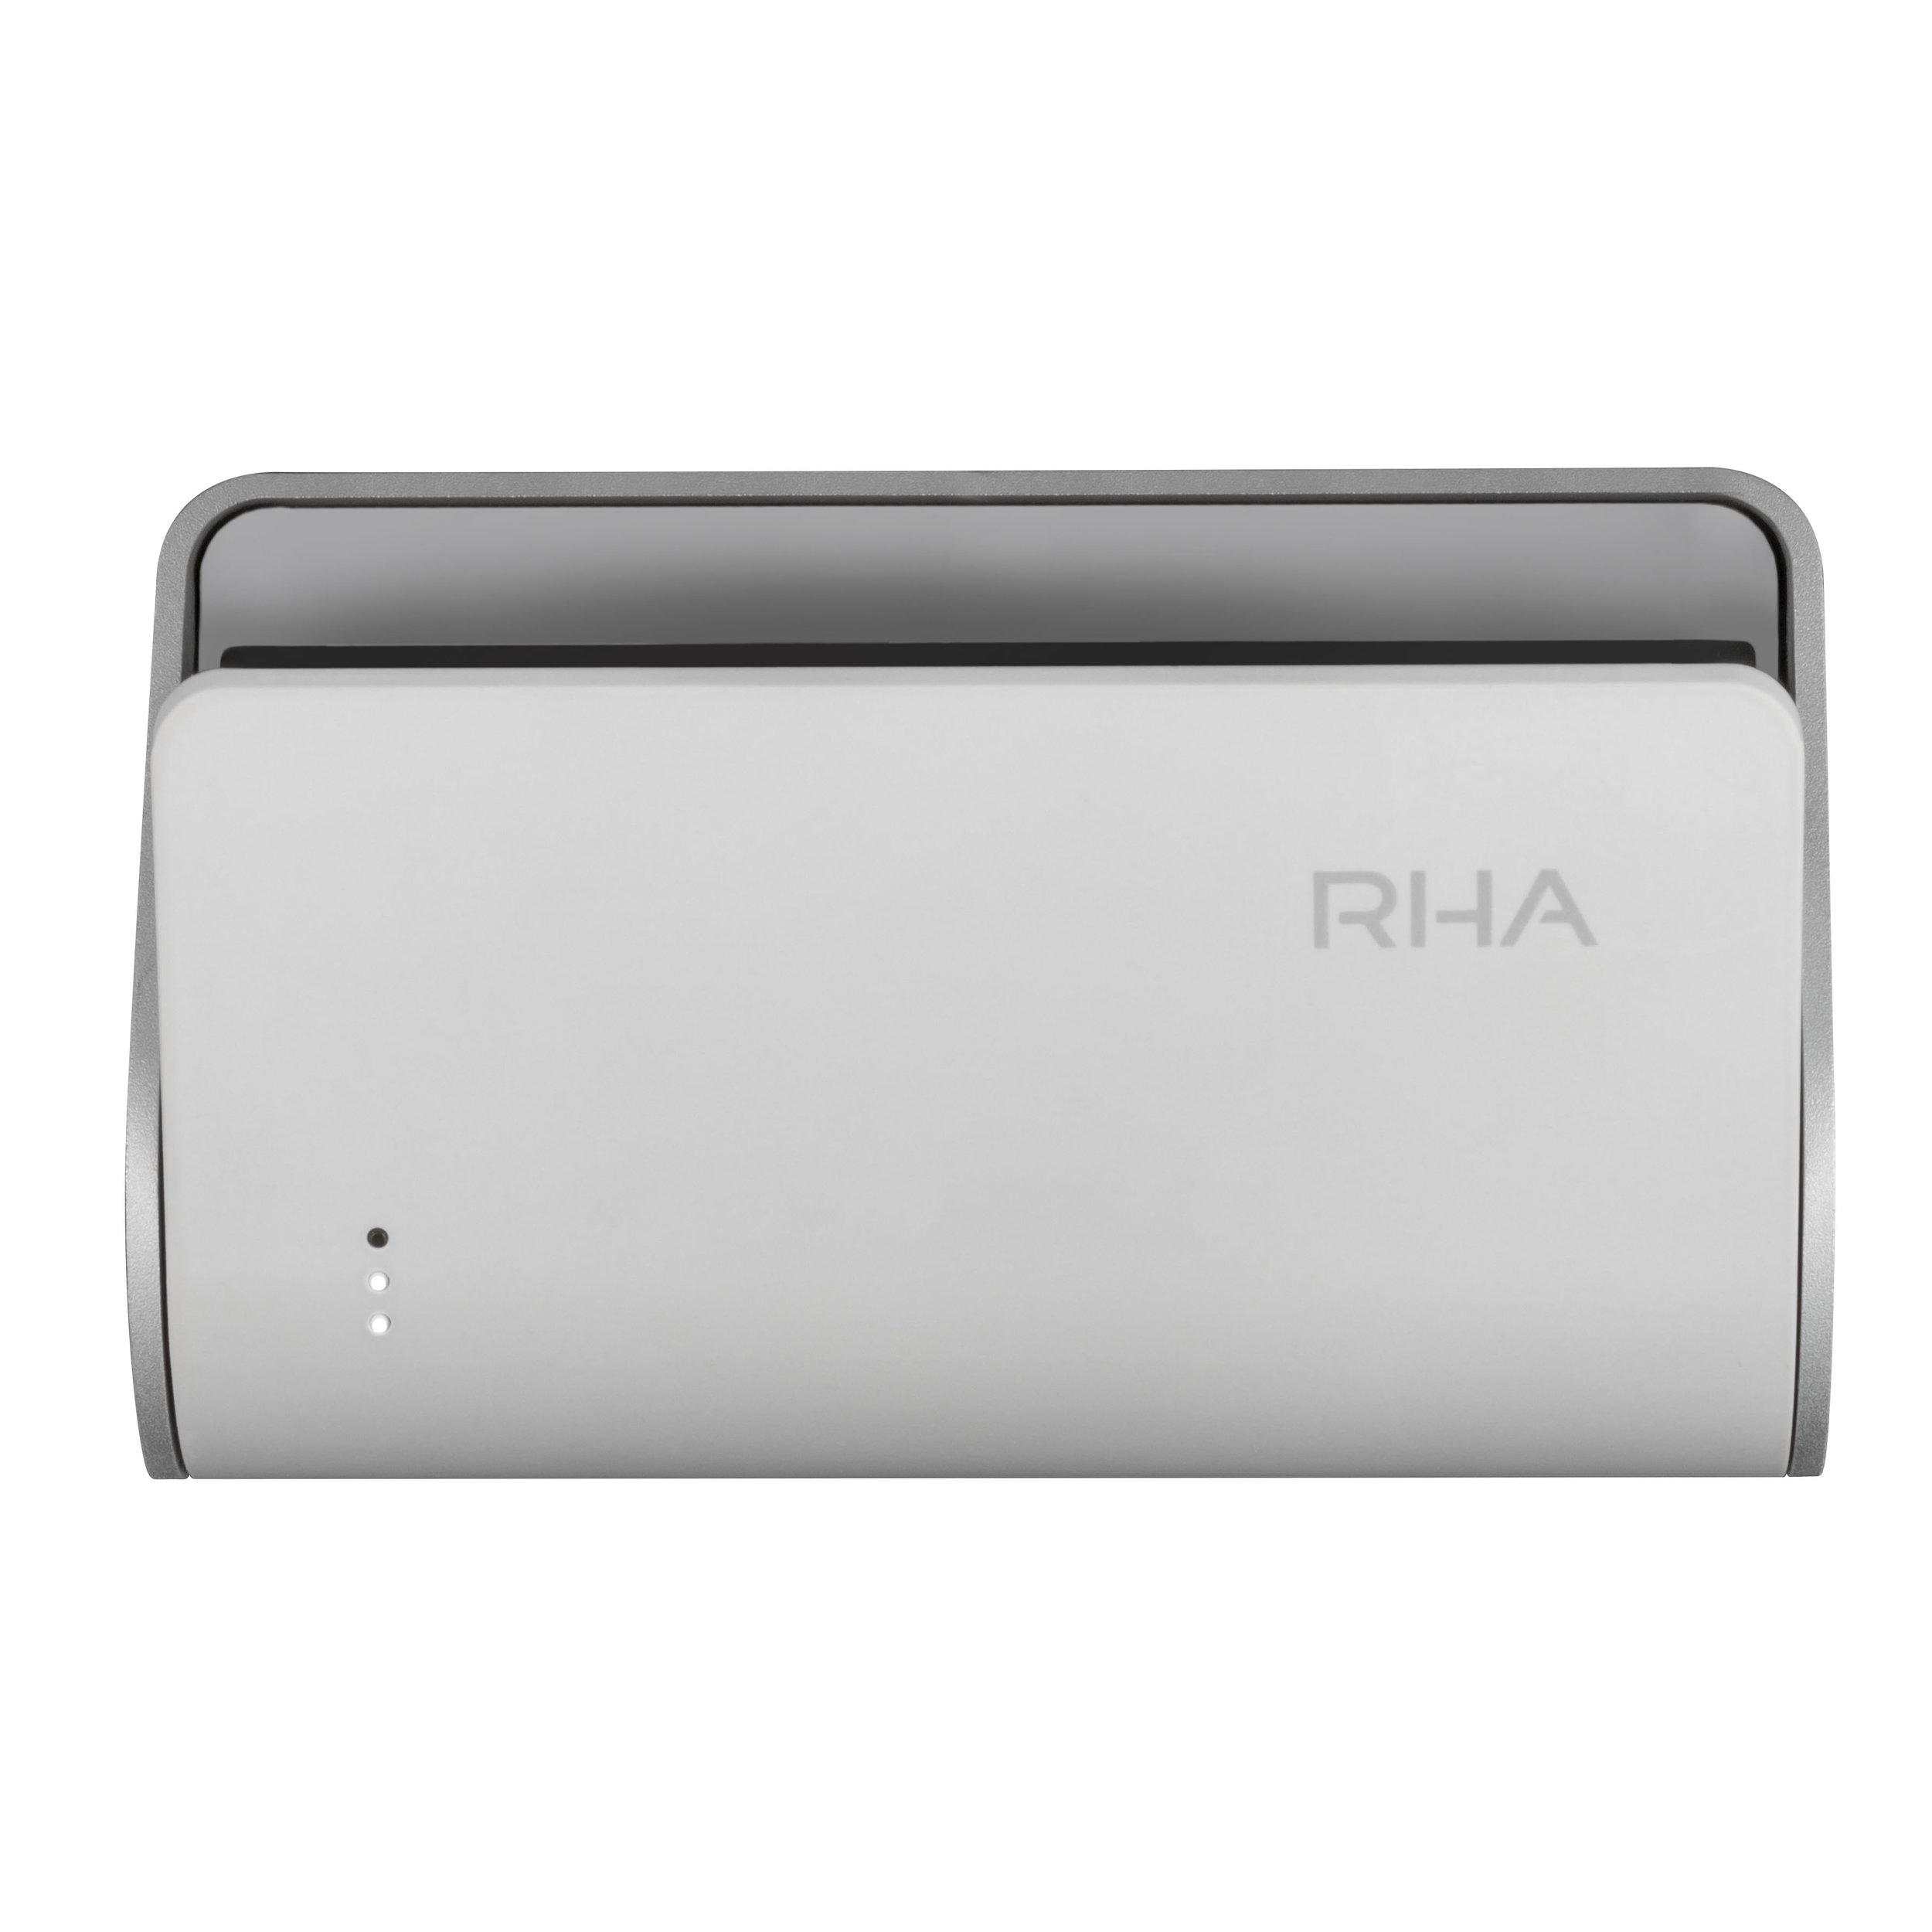 RHA_TrueConnectPackaging_190508_MRP_0039.jpg